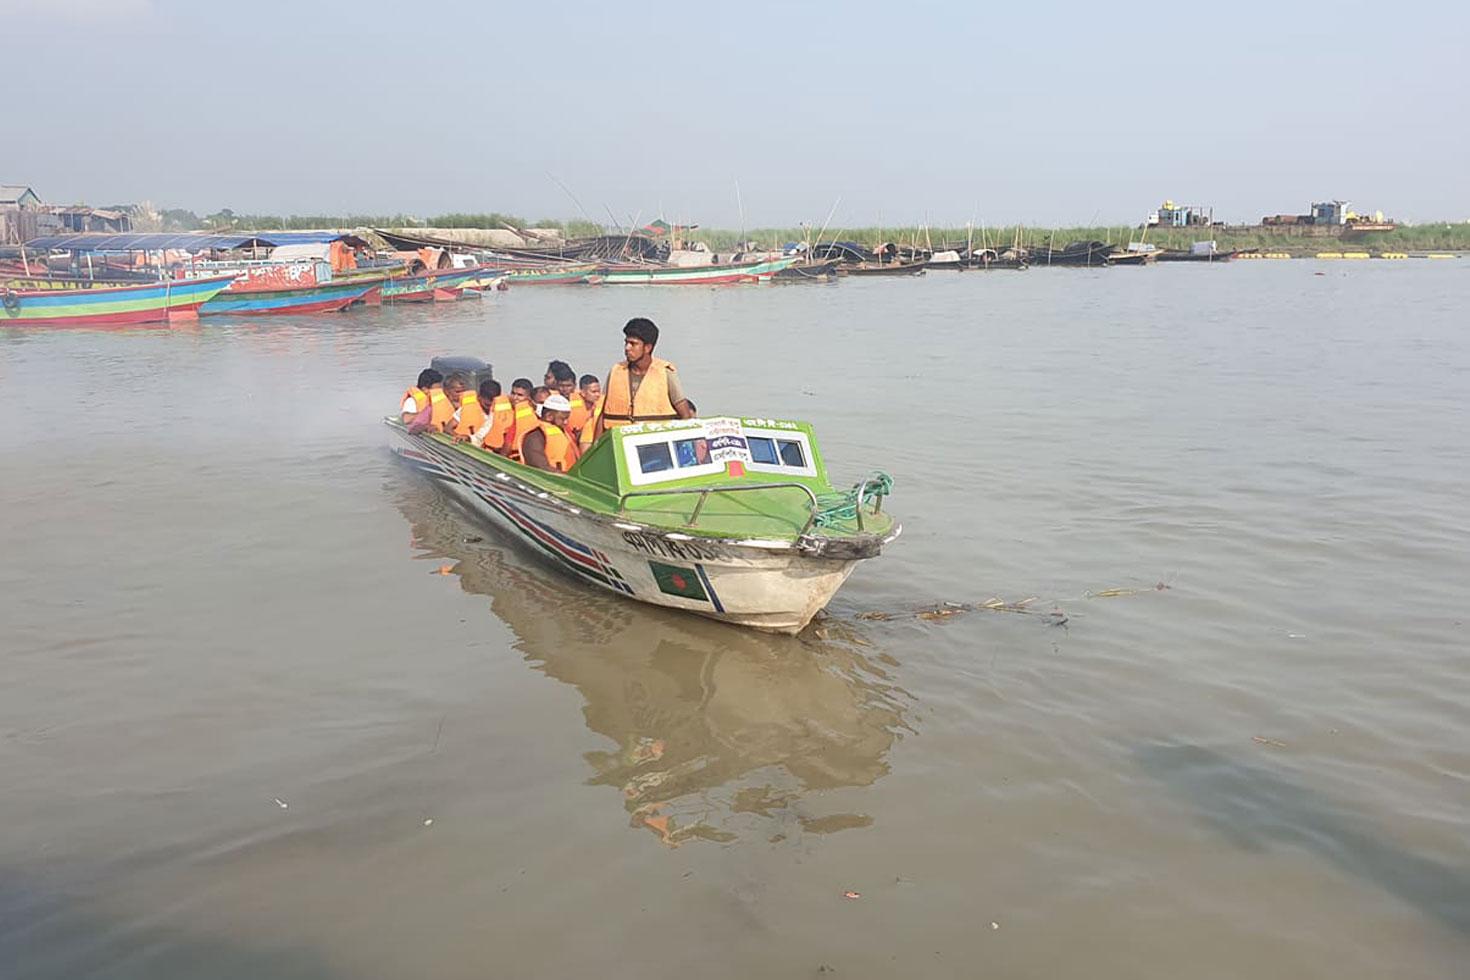 শিমুলিয়া-বাংলাবাজার রুটে সচল স্পিডবোট